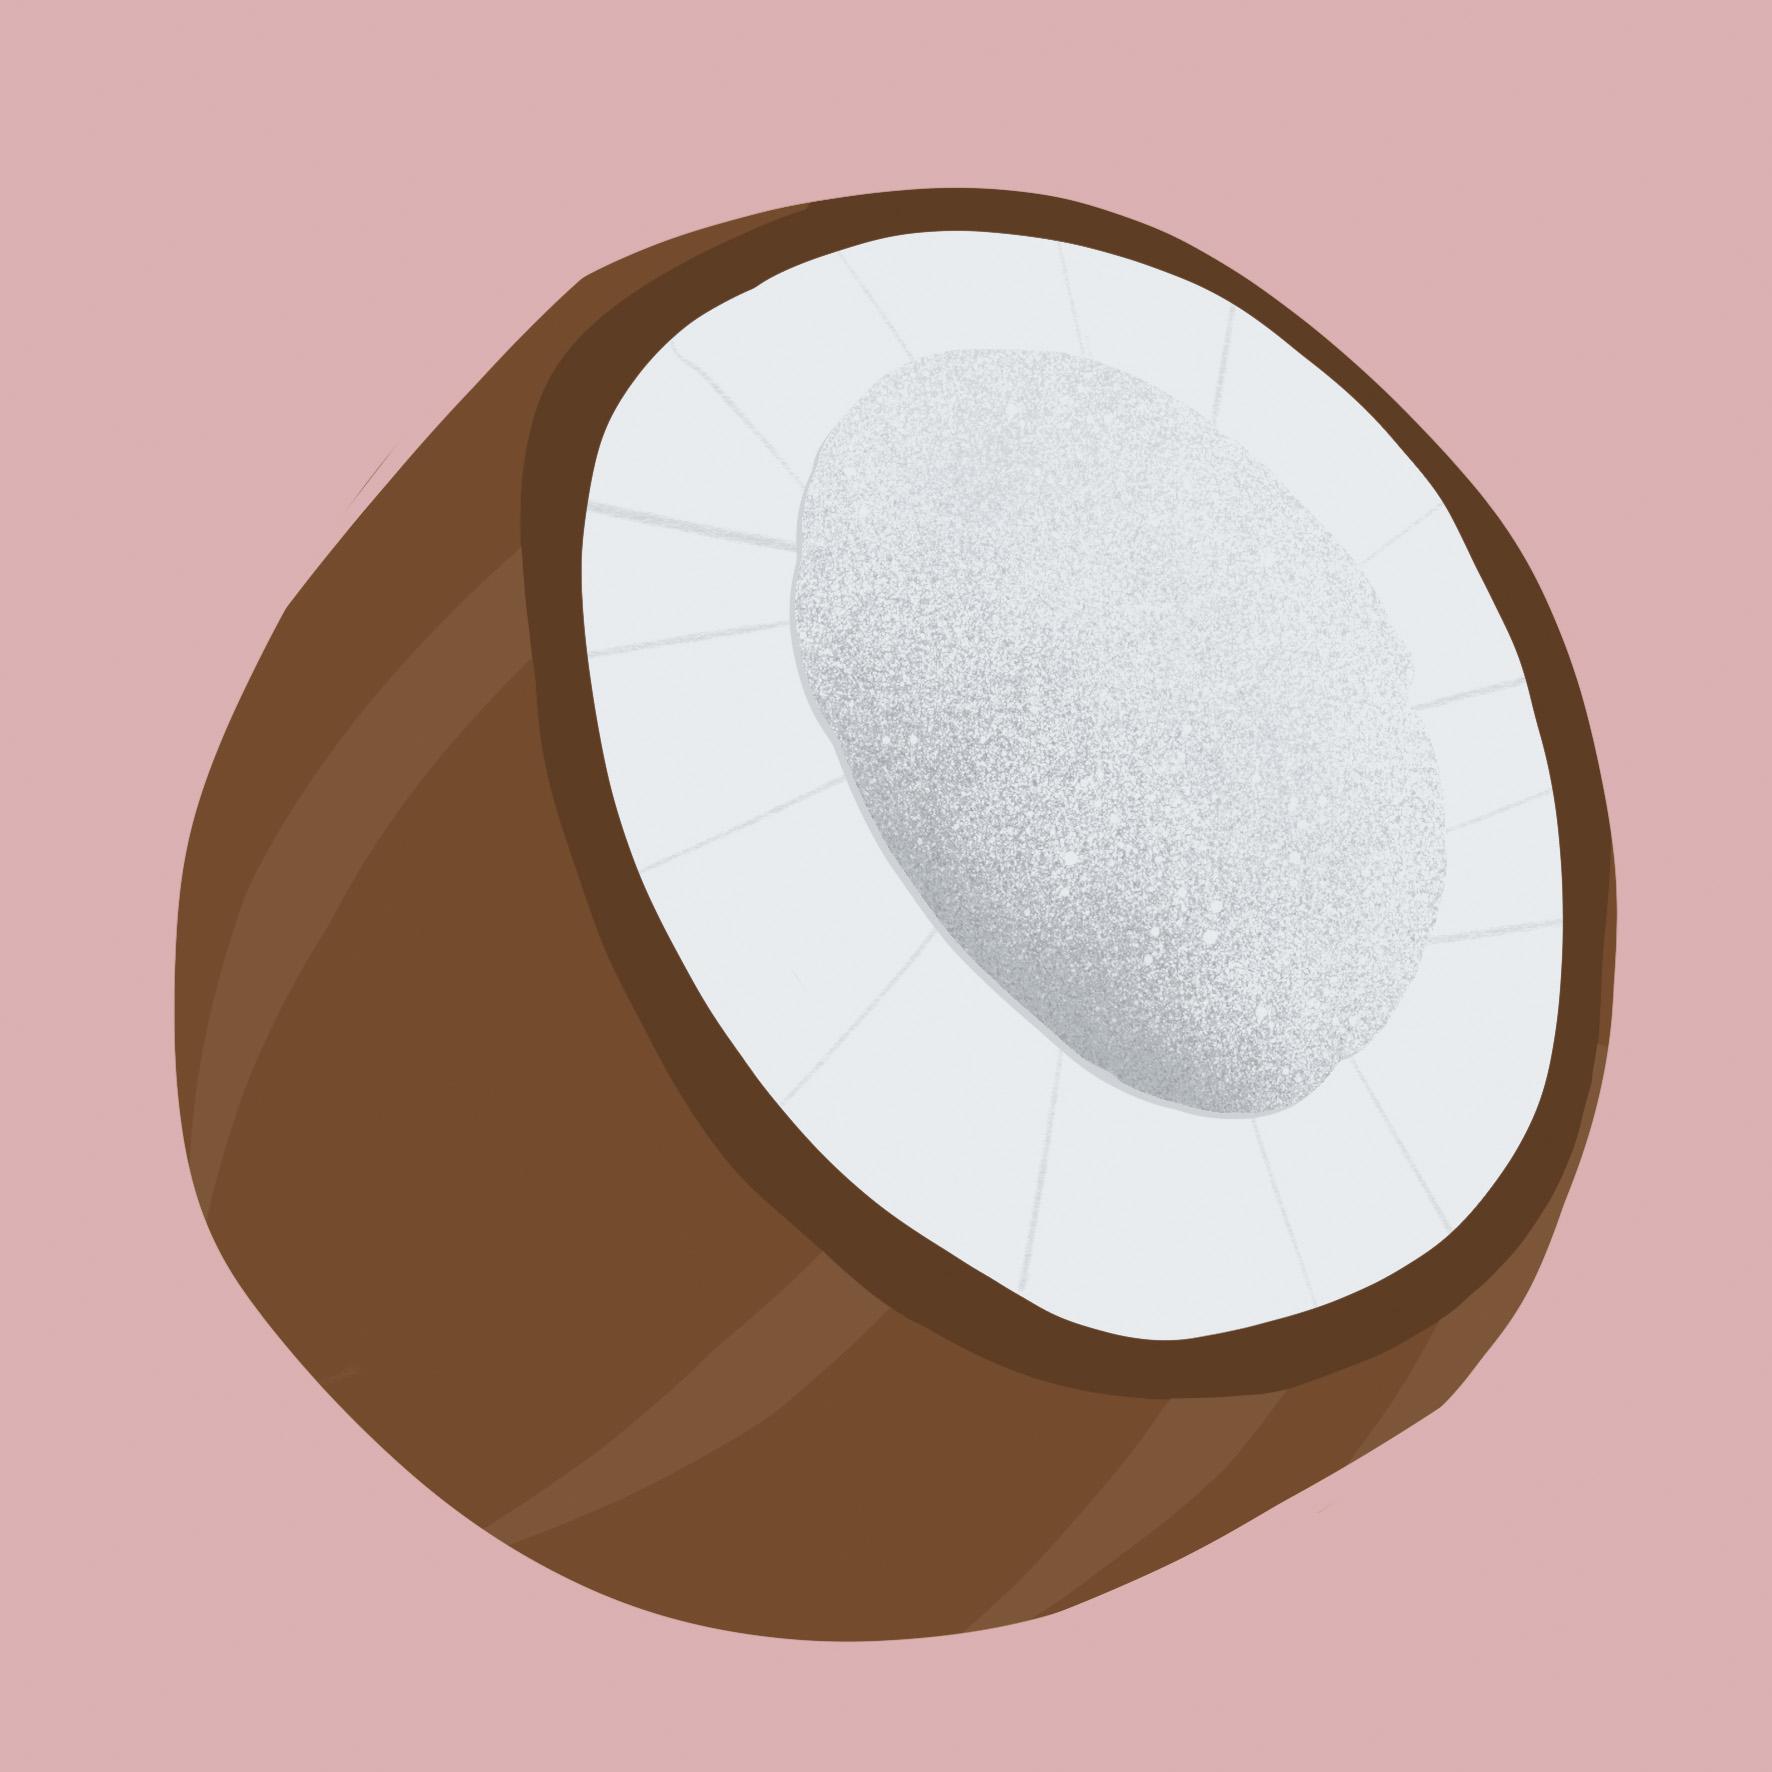 Kokosnootklein.jpg